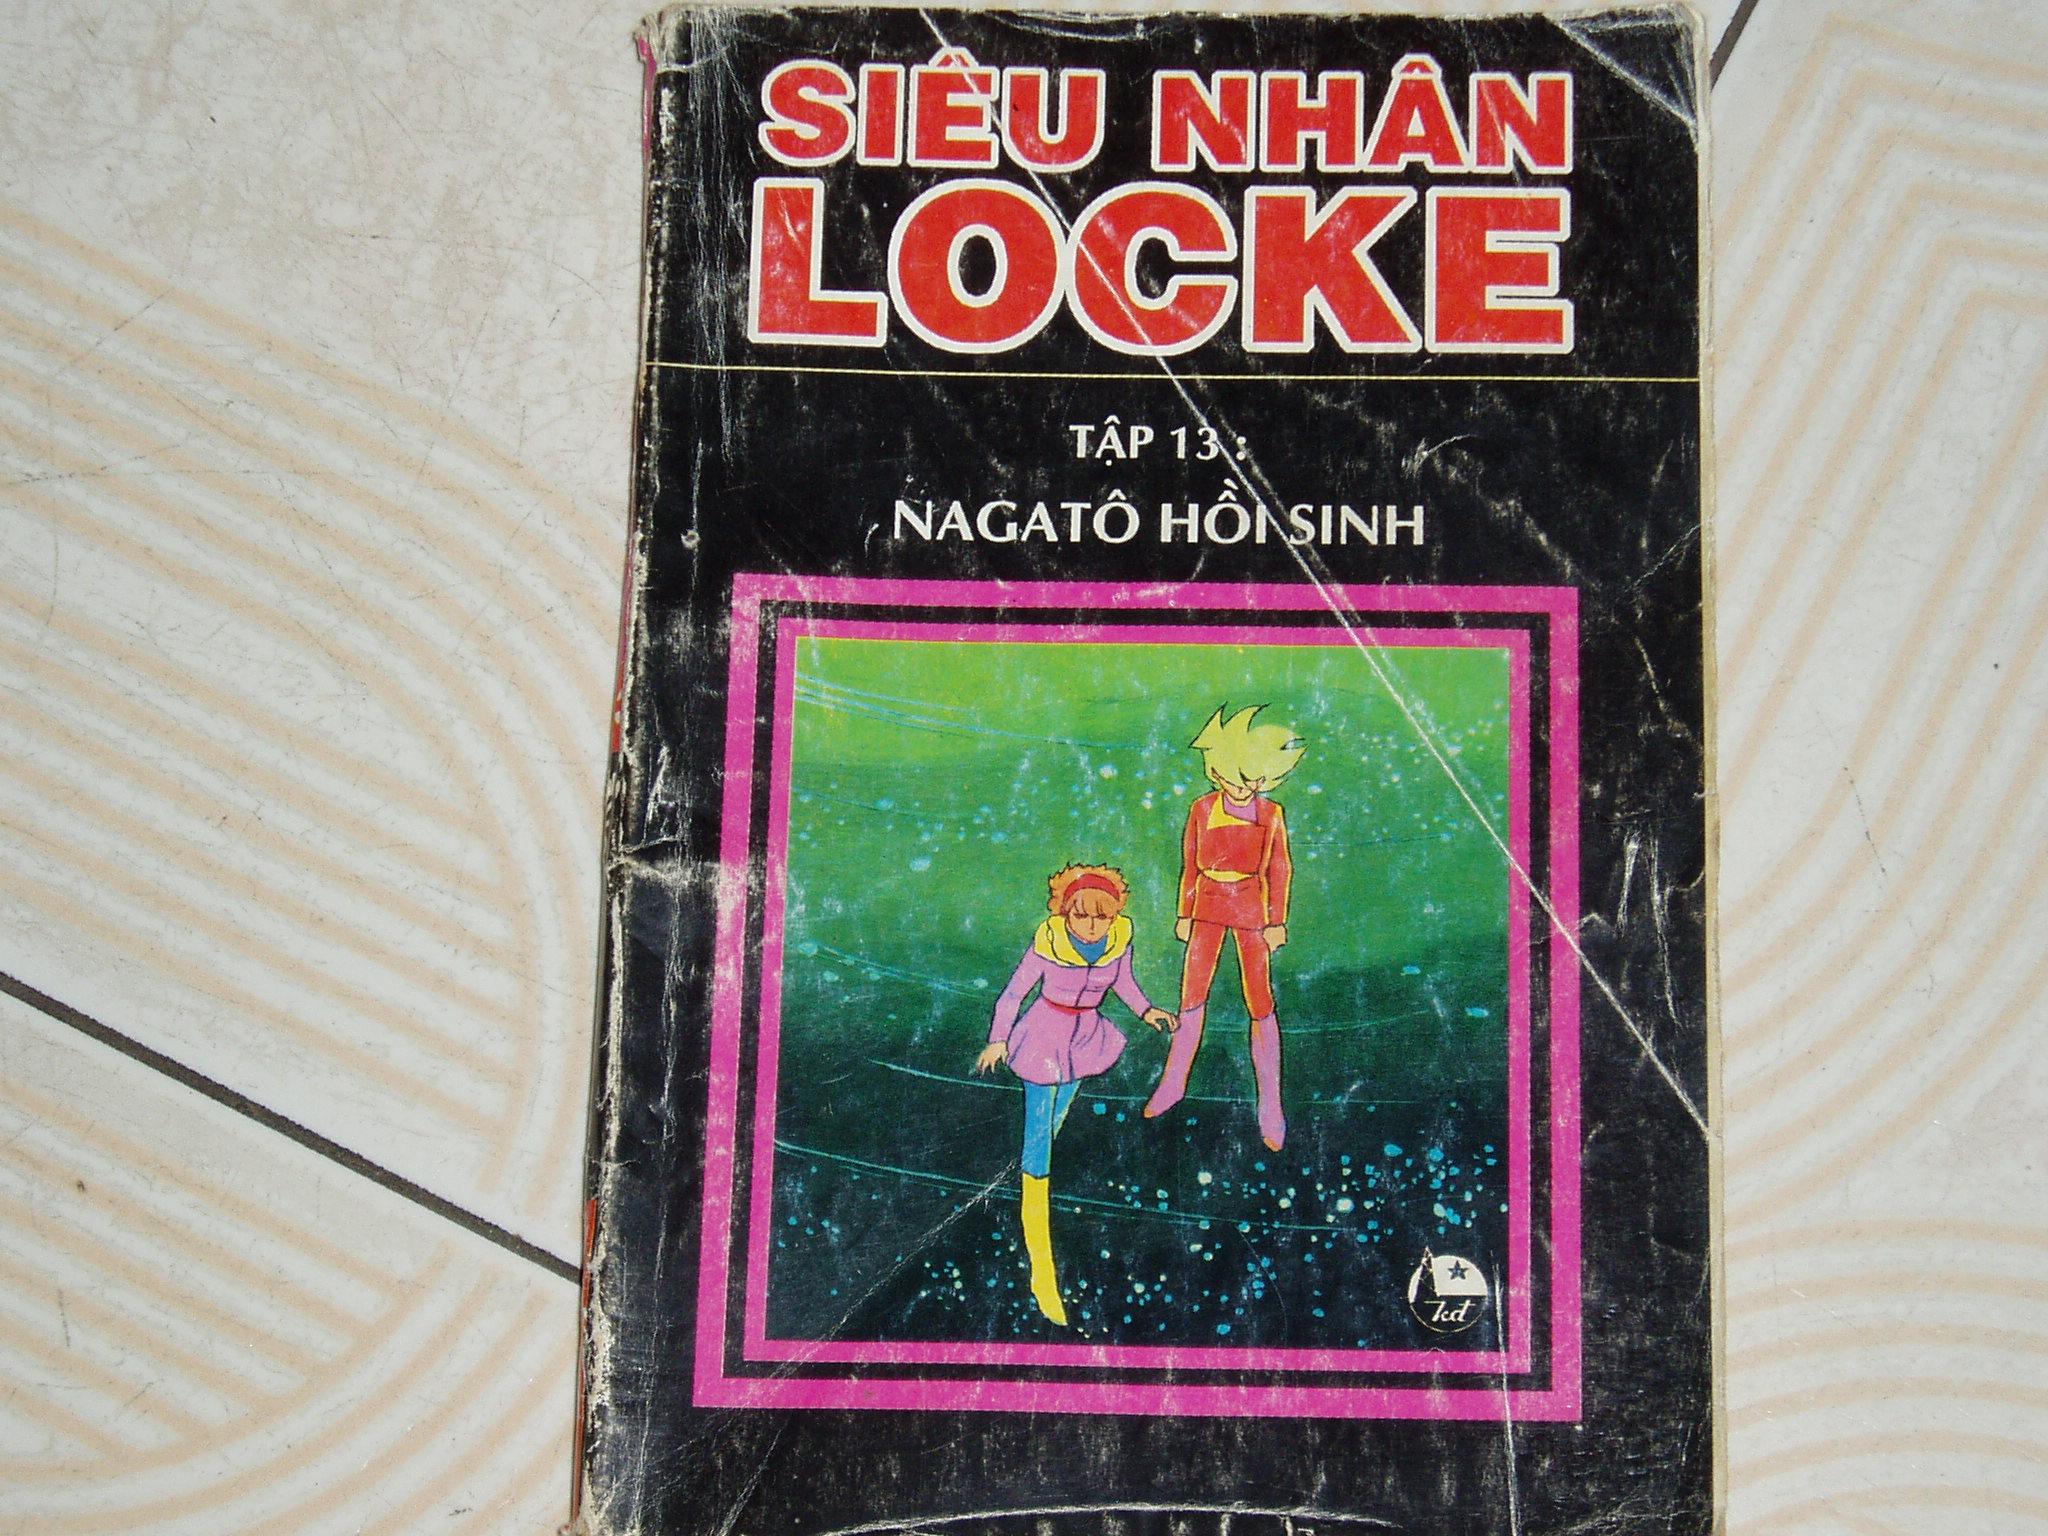 Siêu nhân Locke vol 13 trang 1